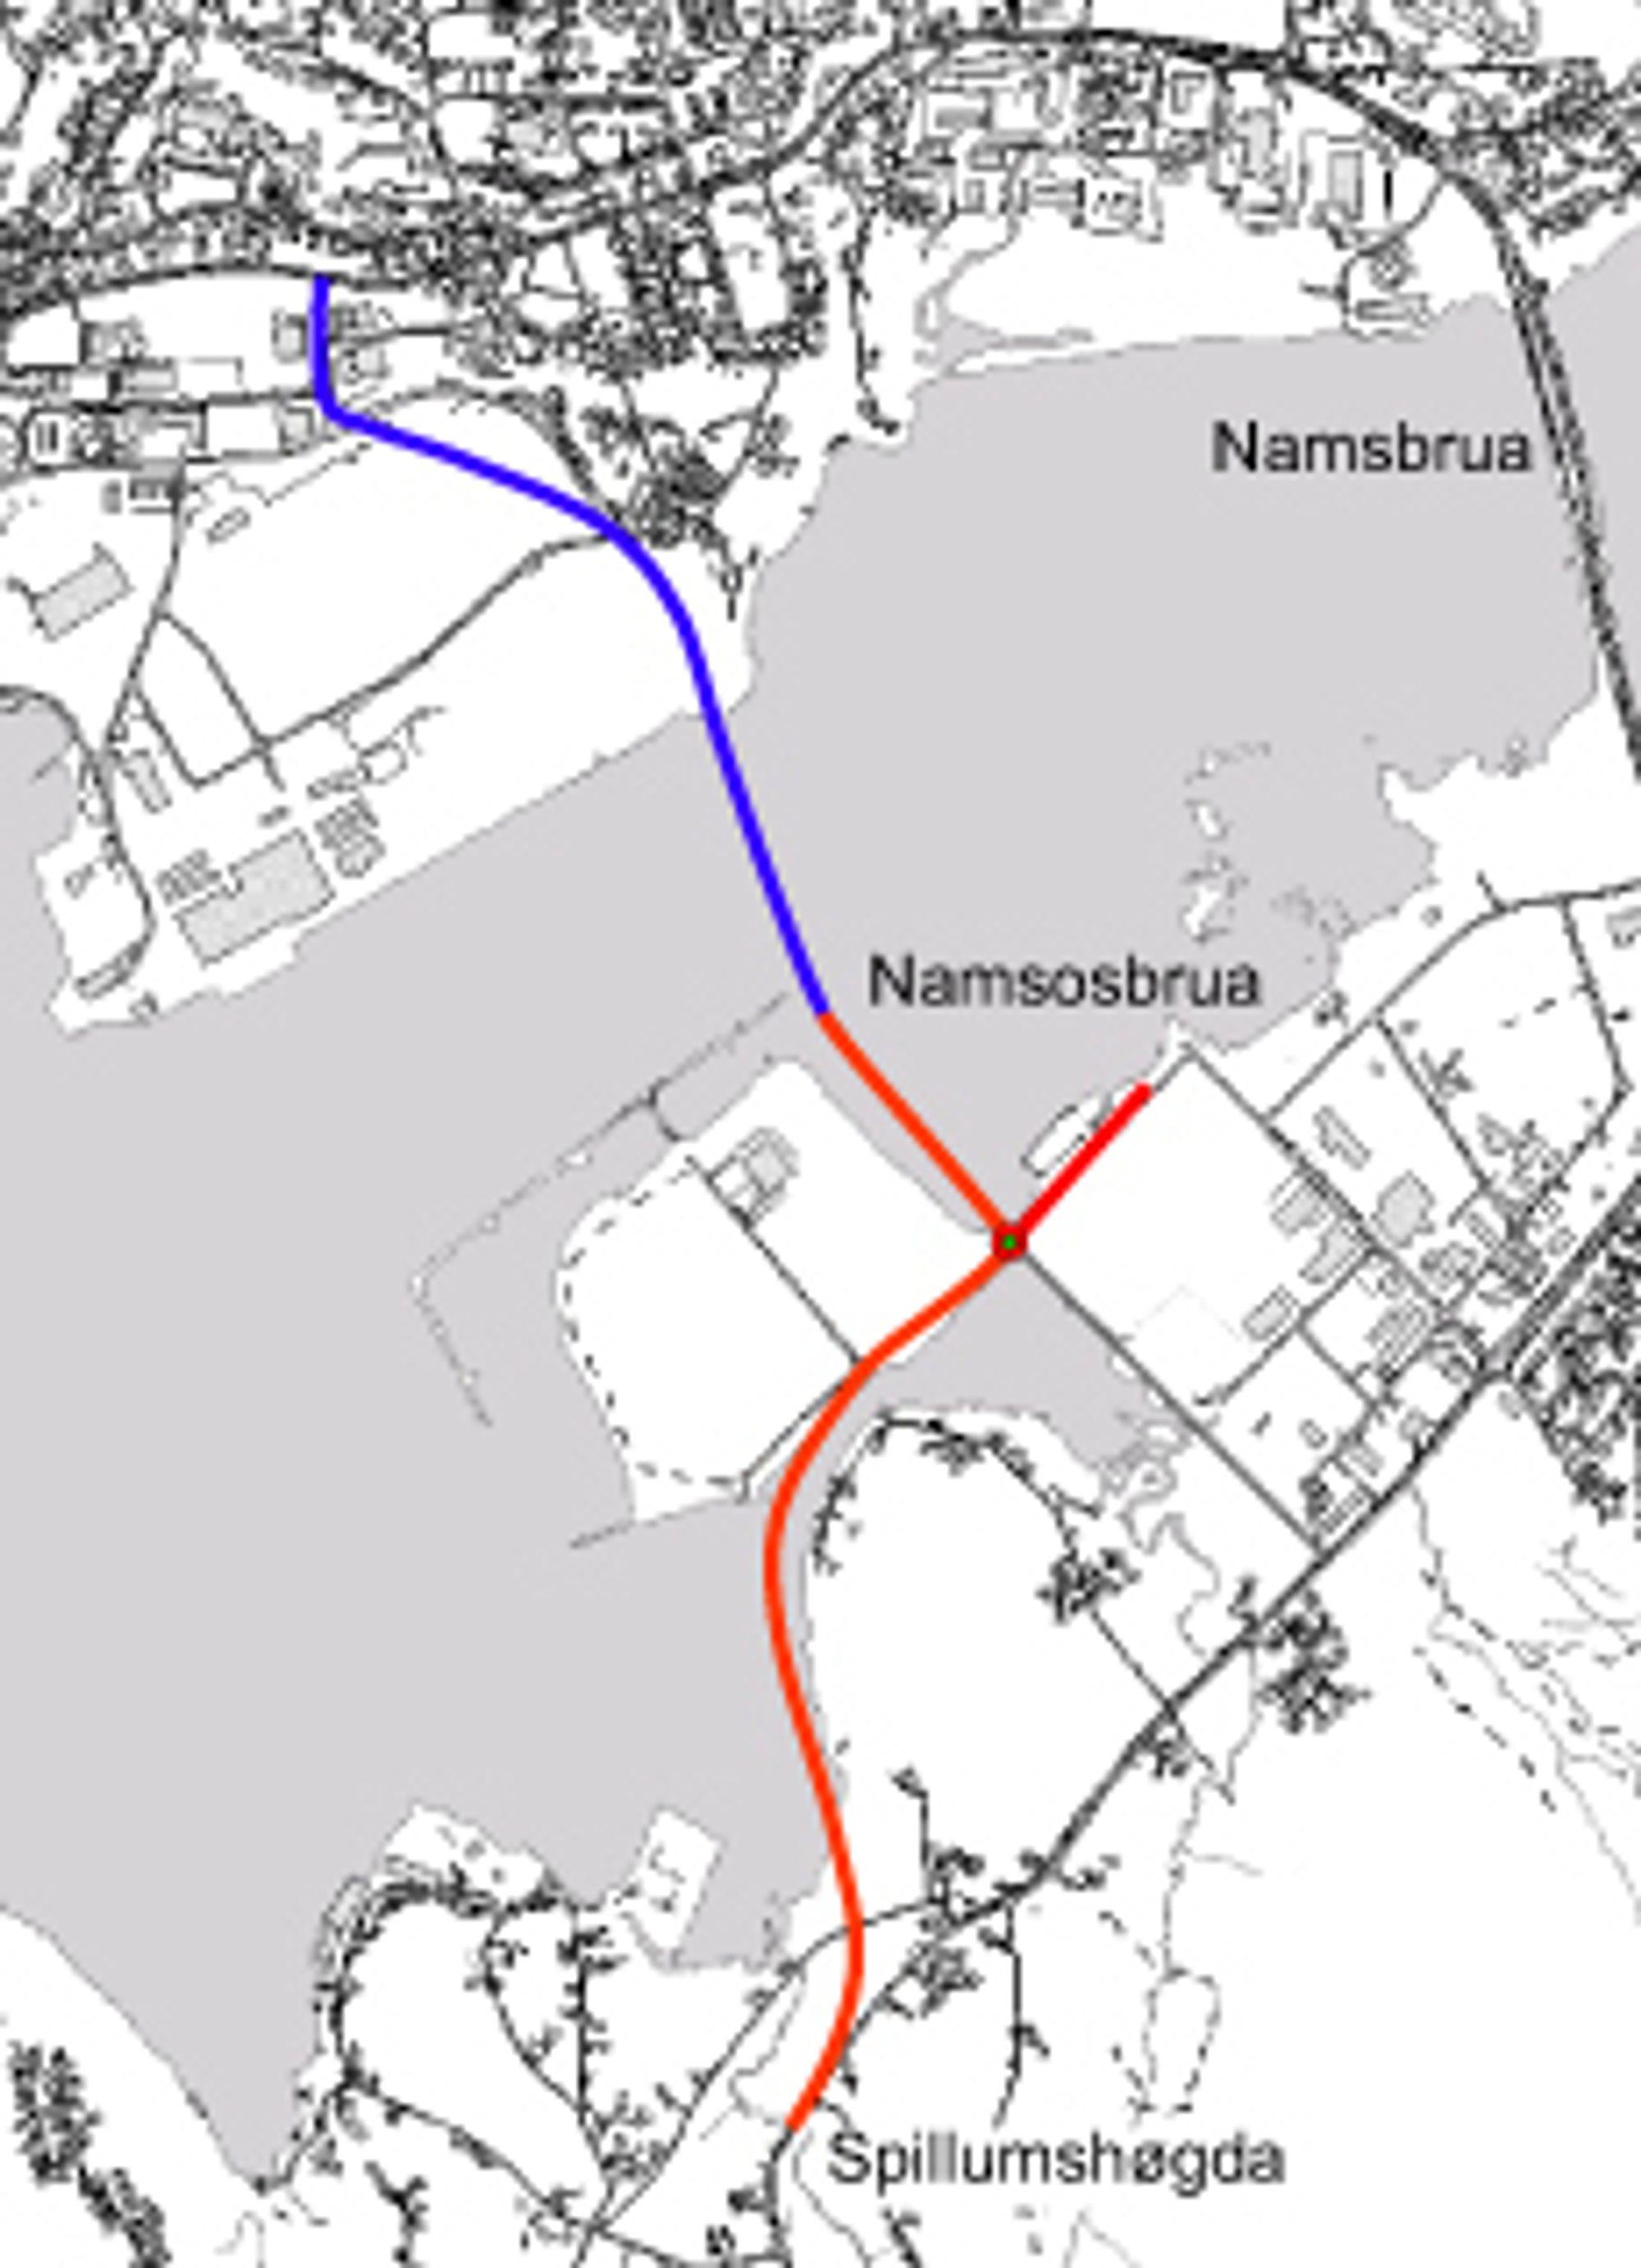 Vegstrekningen som Johs J. Syltern får ansvaret for, er markert med rødt. (Ill.: Statens vegvesen)